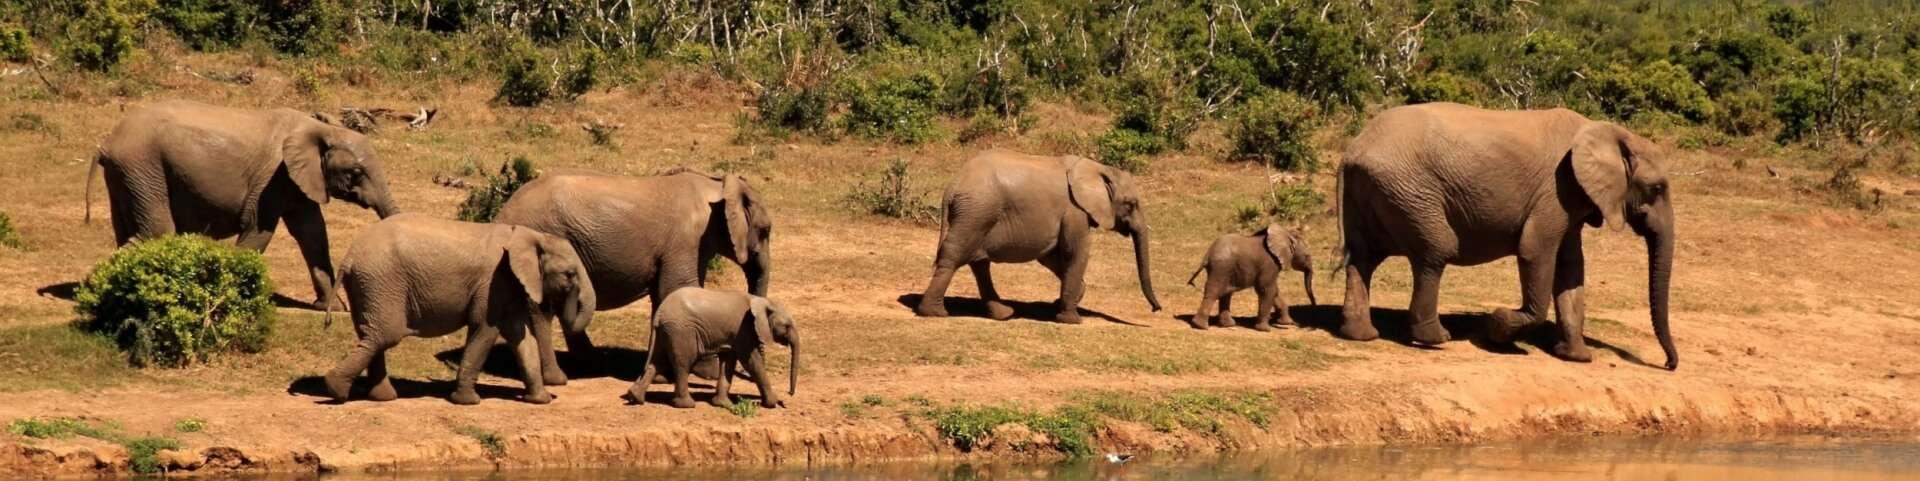 13 diersoorten die op uitsterven staan